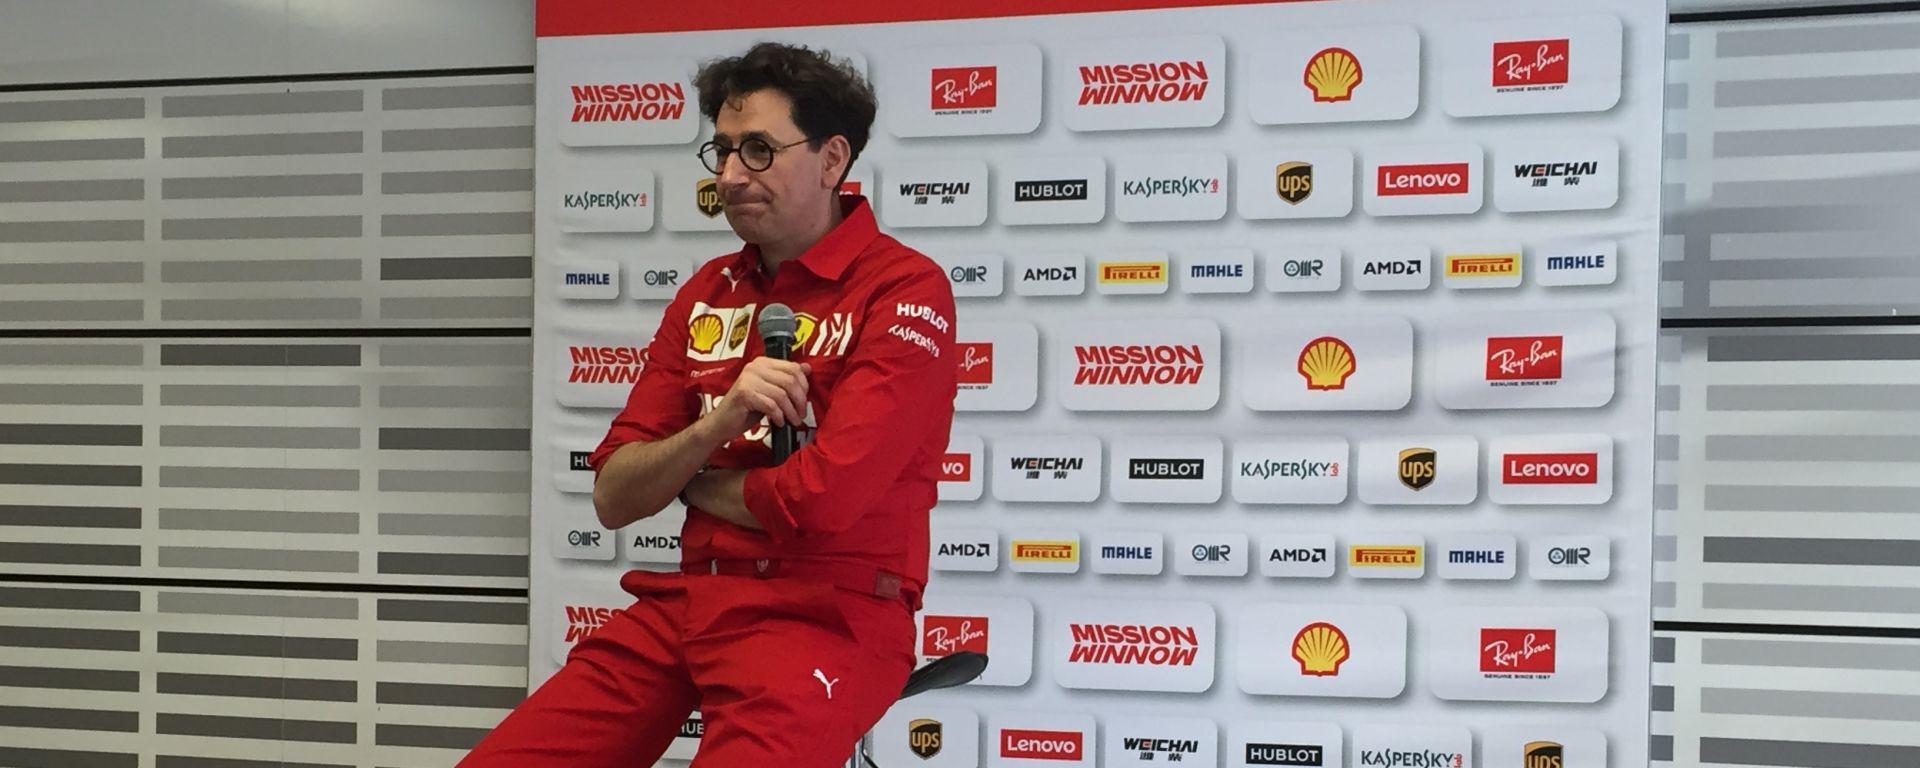 Il nuovo team principal della Ferrari, Mattia Binotto